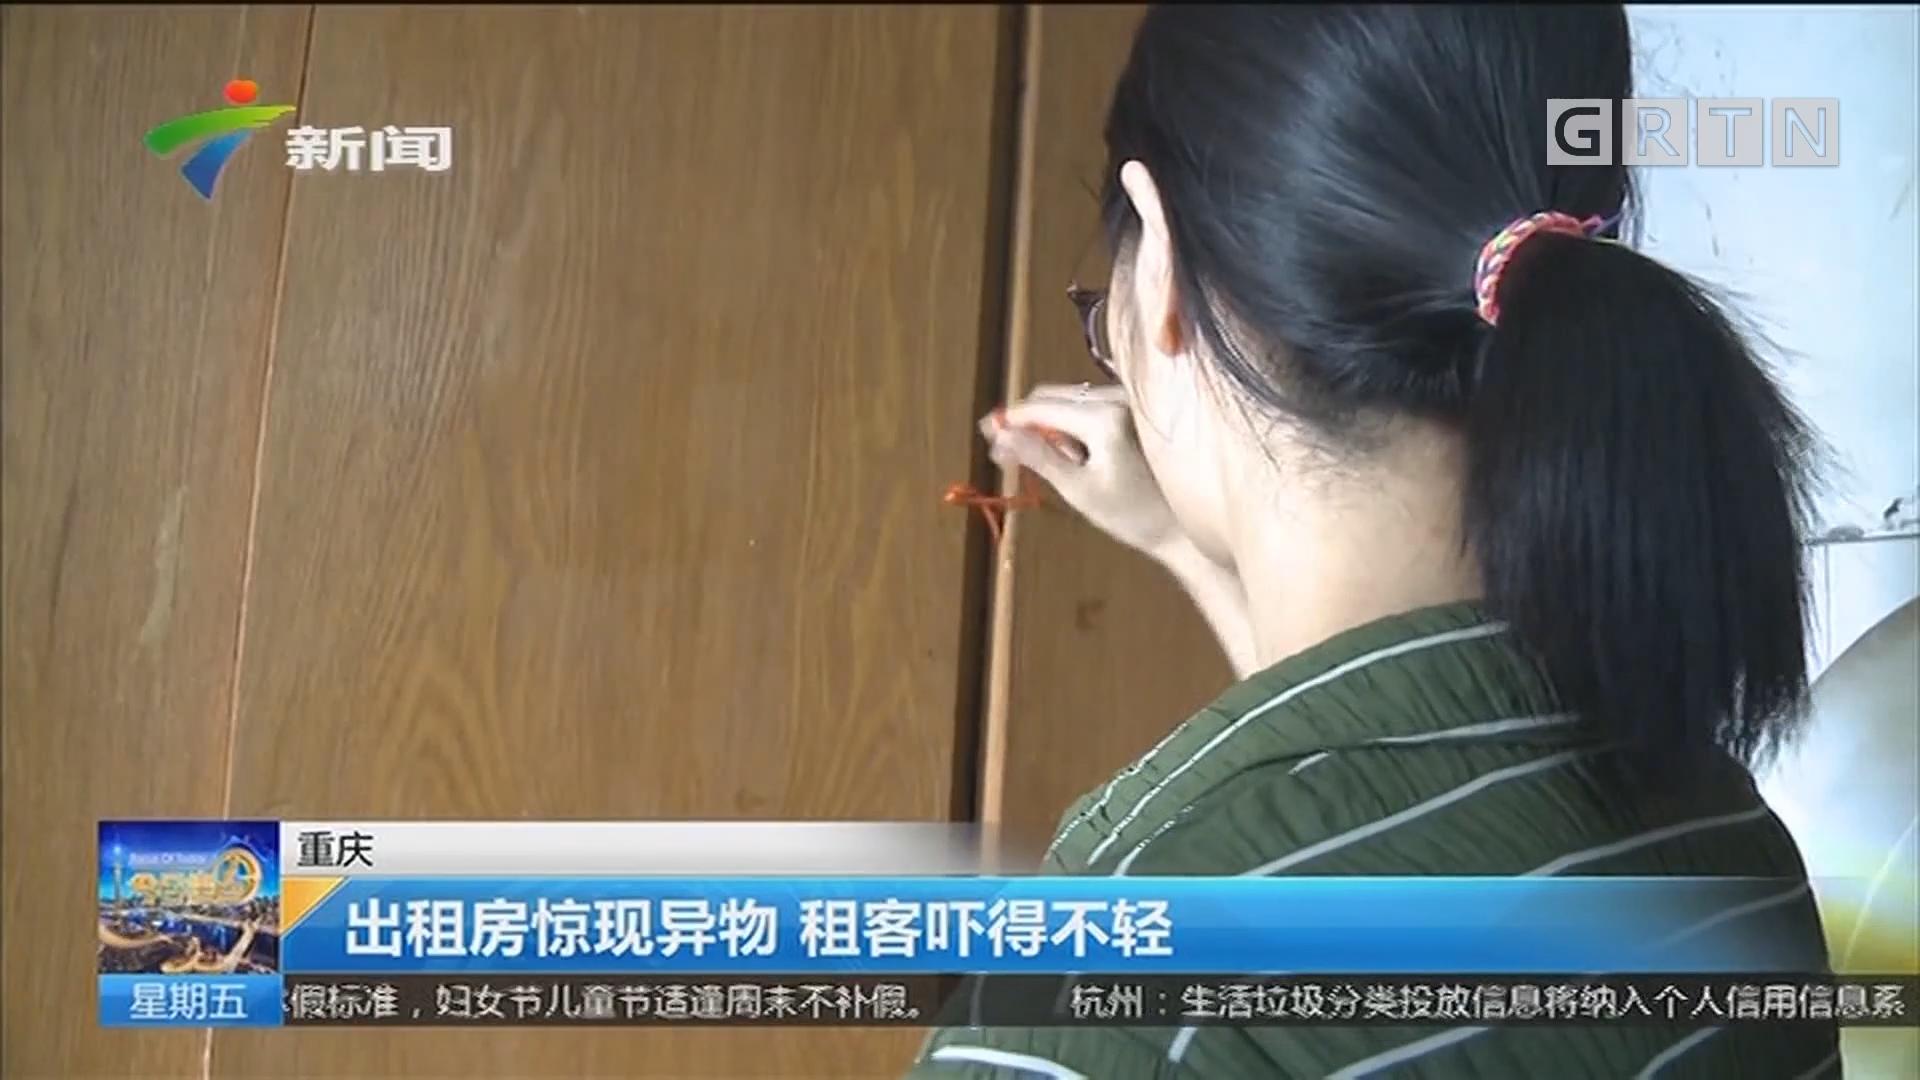 重庆:出租房惊现异物 租客吓得不轻